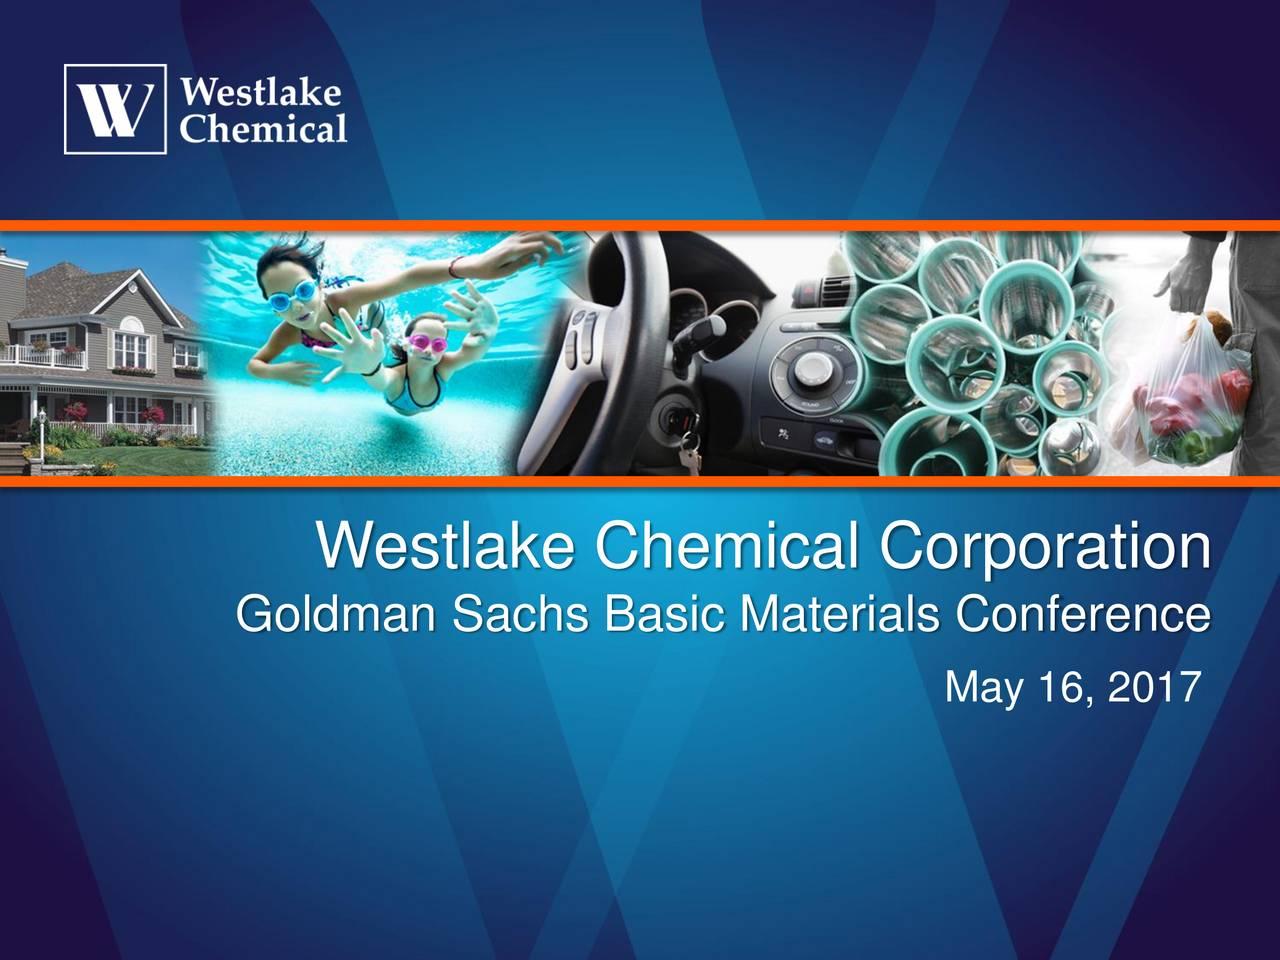 Goldman Sachs Basic Materials Conference May 16, 2017